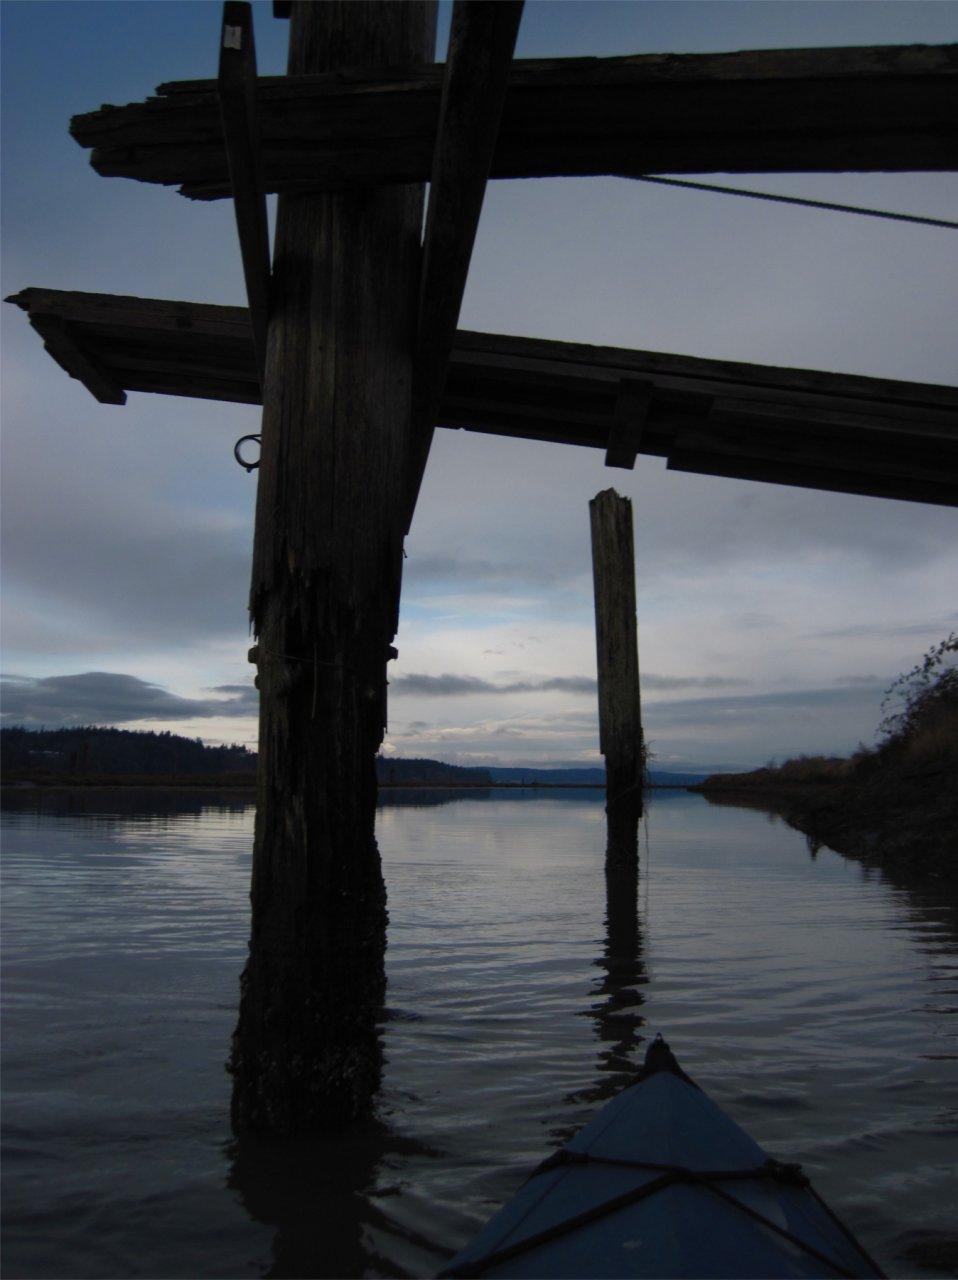 02 Old pilings.JPG